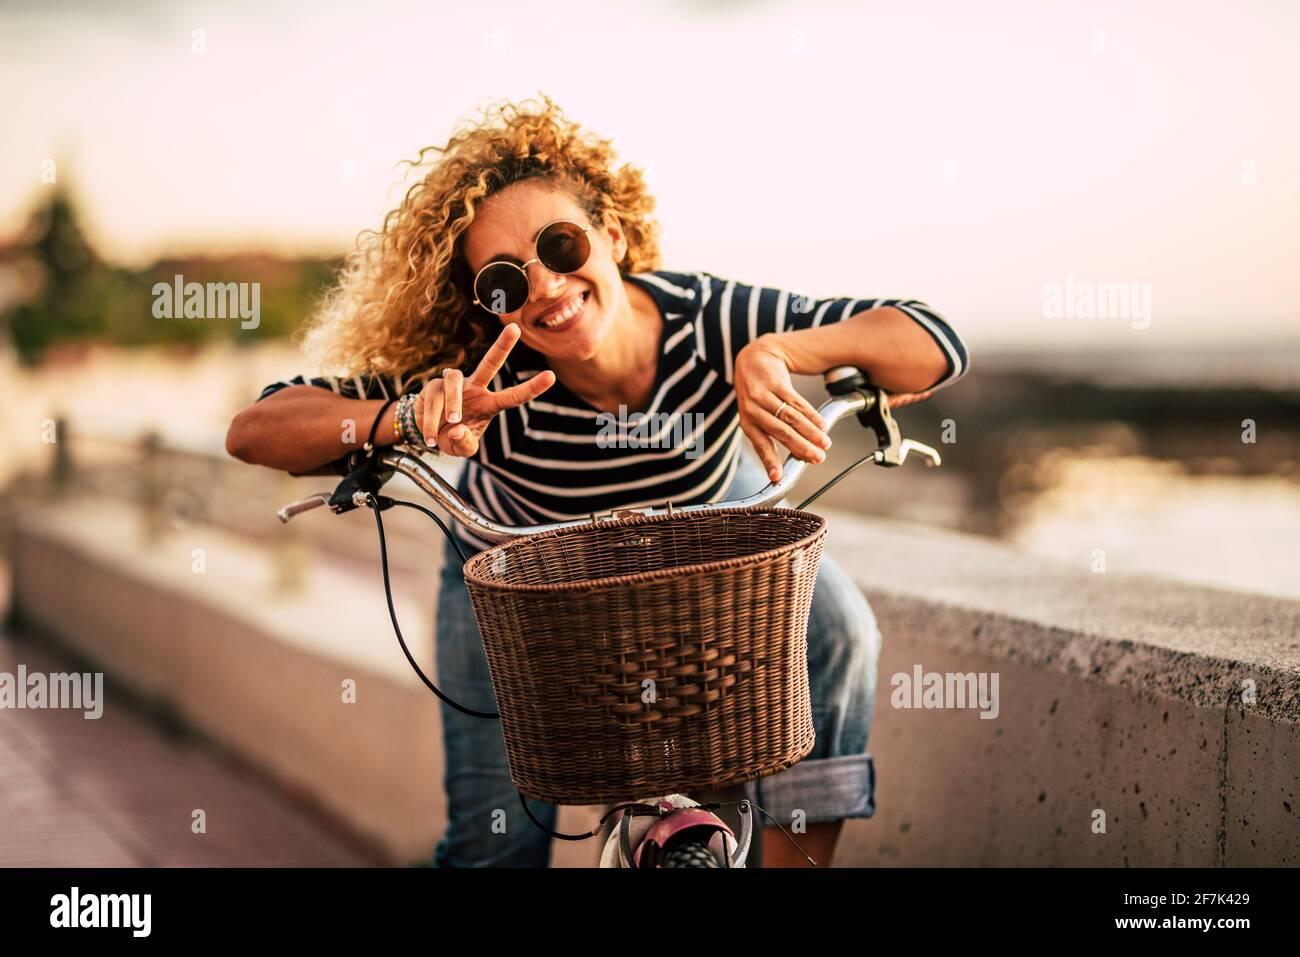 Ritratto di bella donna adulta di mezza età sorridente ed avente divertimento guardando la macchina fotografica - le persone attive femminili con moto e outdo sano stile di vita Foto Stock